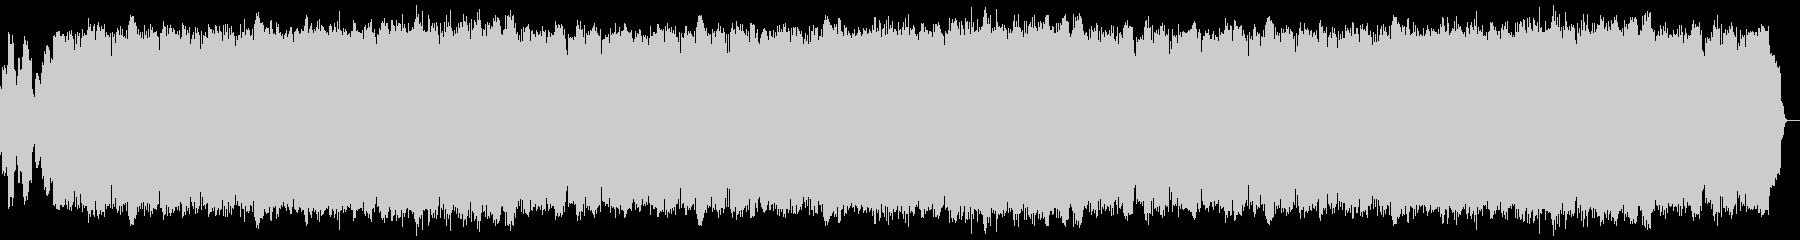 サックスとピアノ伴奏による綺麗なバラードの未再生の波形